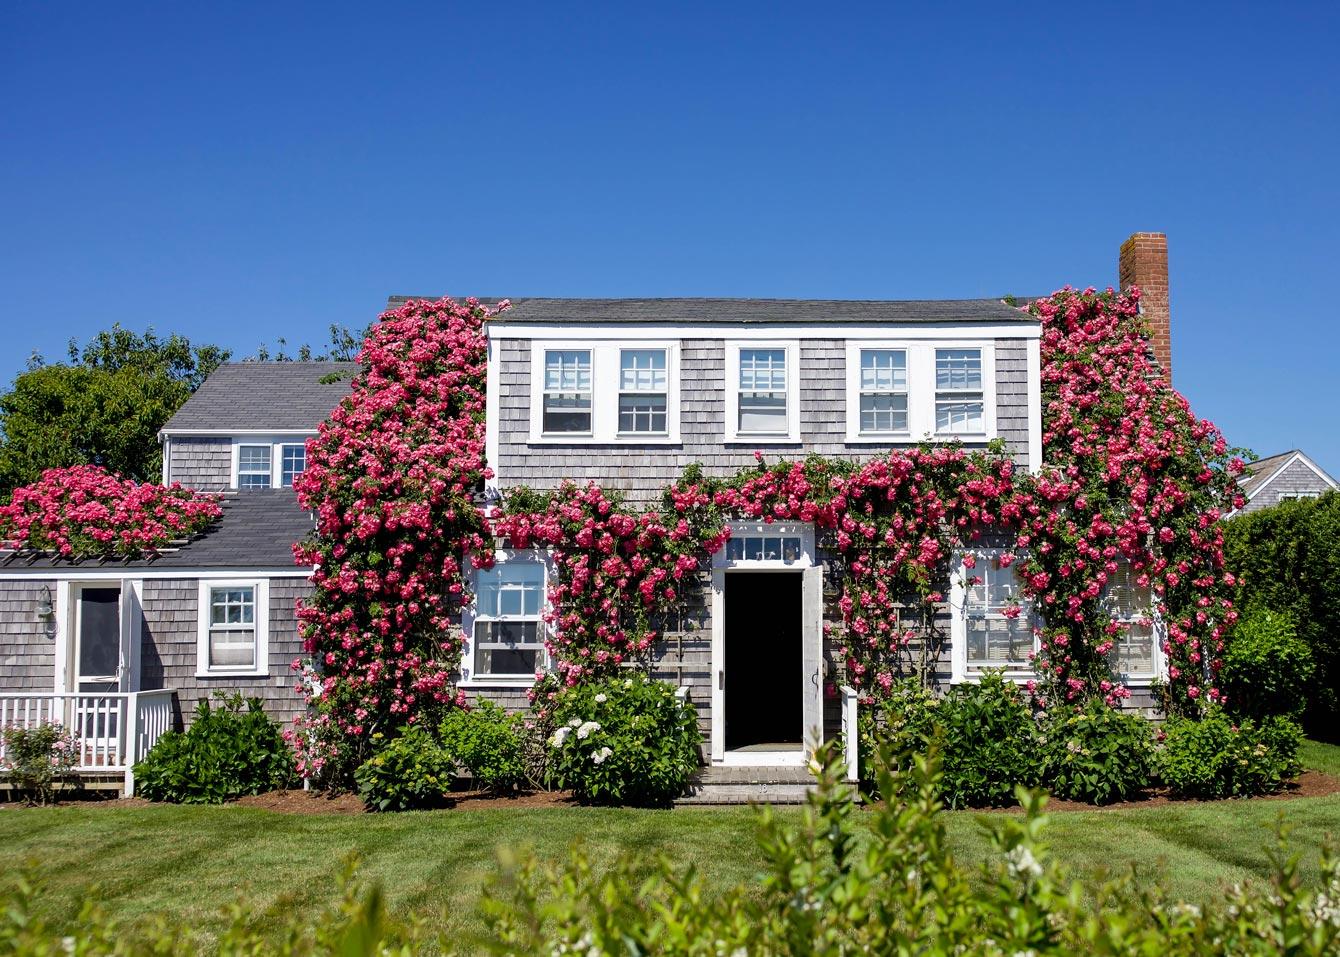 Sconset Nantucket Bluff Walk Roses